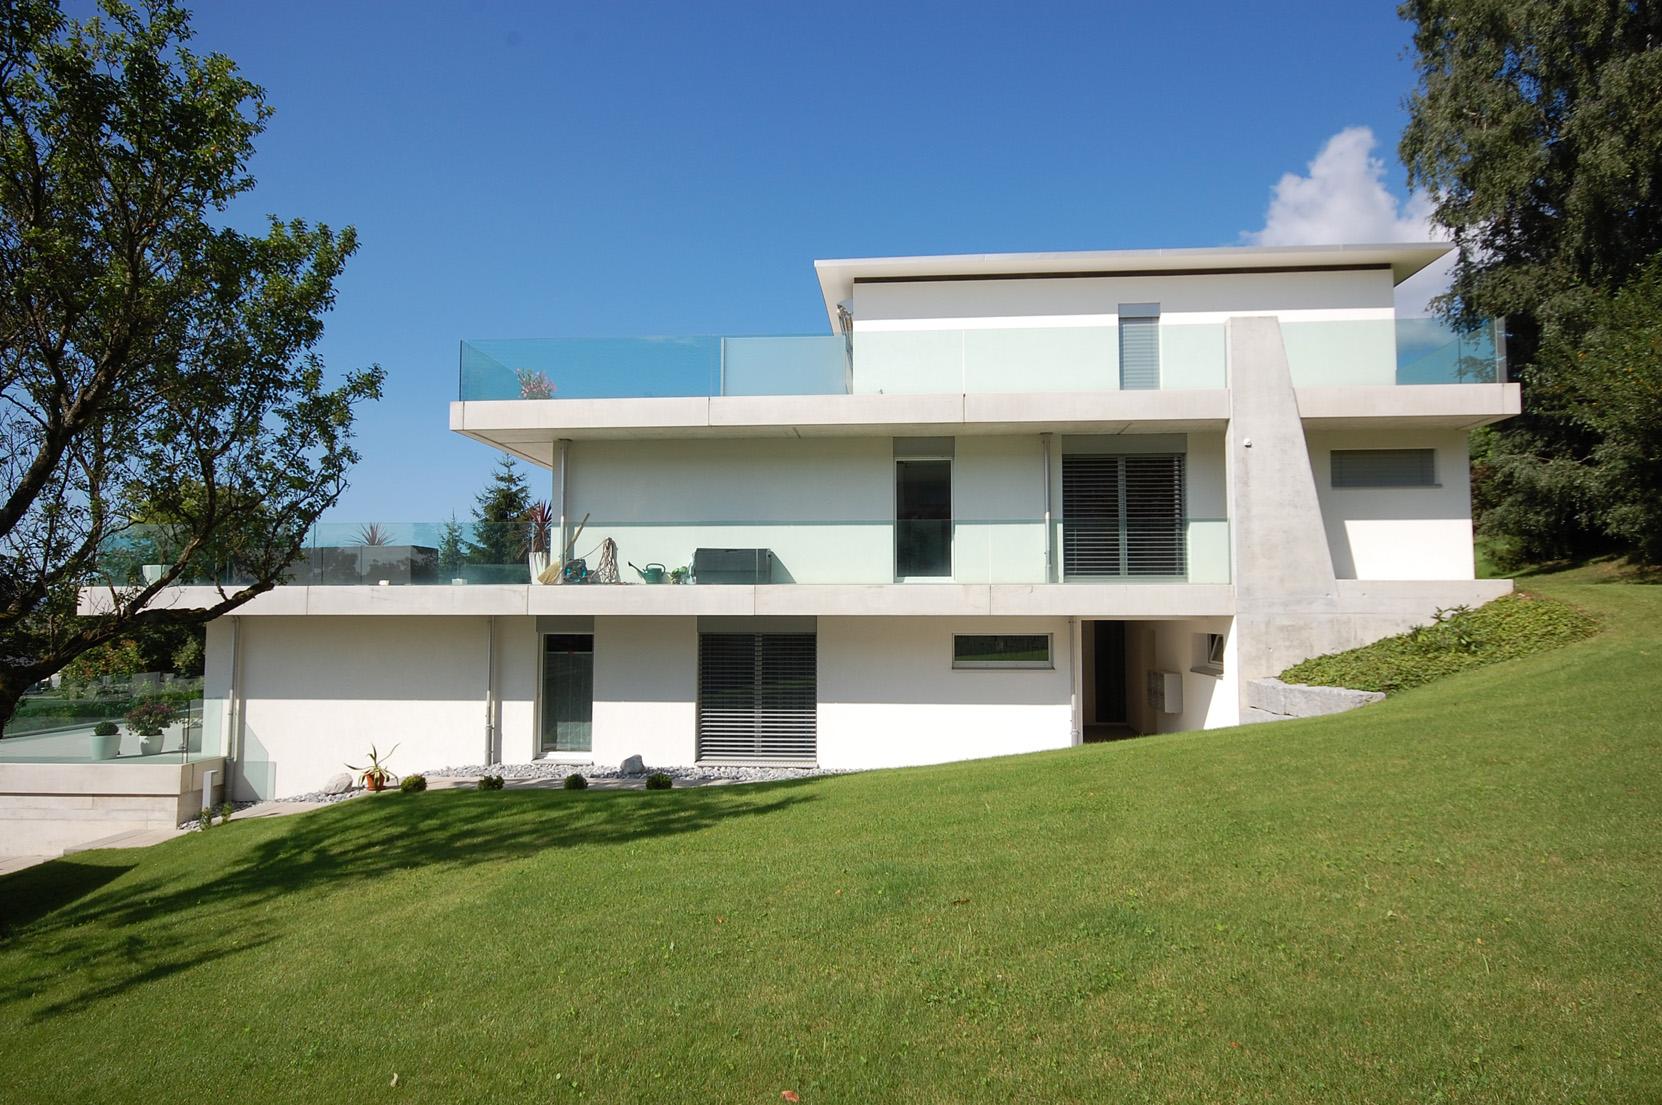 Terrassenwohnungen grenchenstrasse bettlach architektur for Raumgestaltung architektur